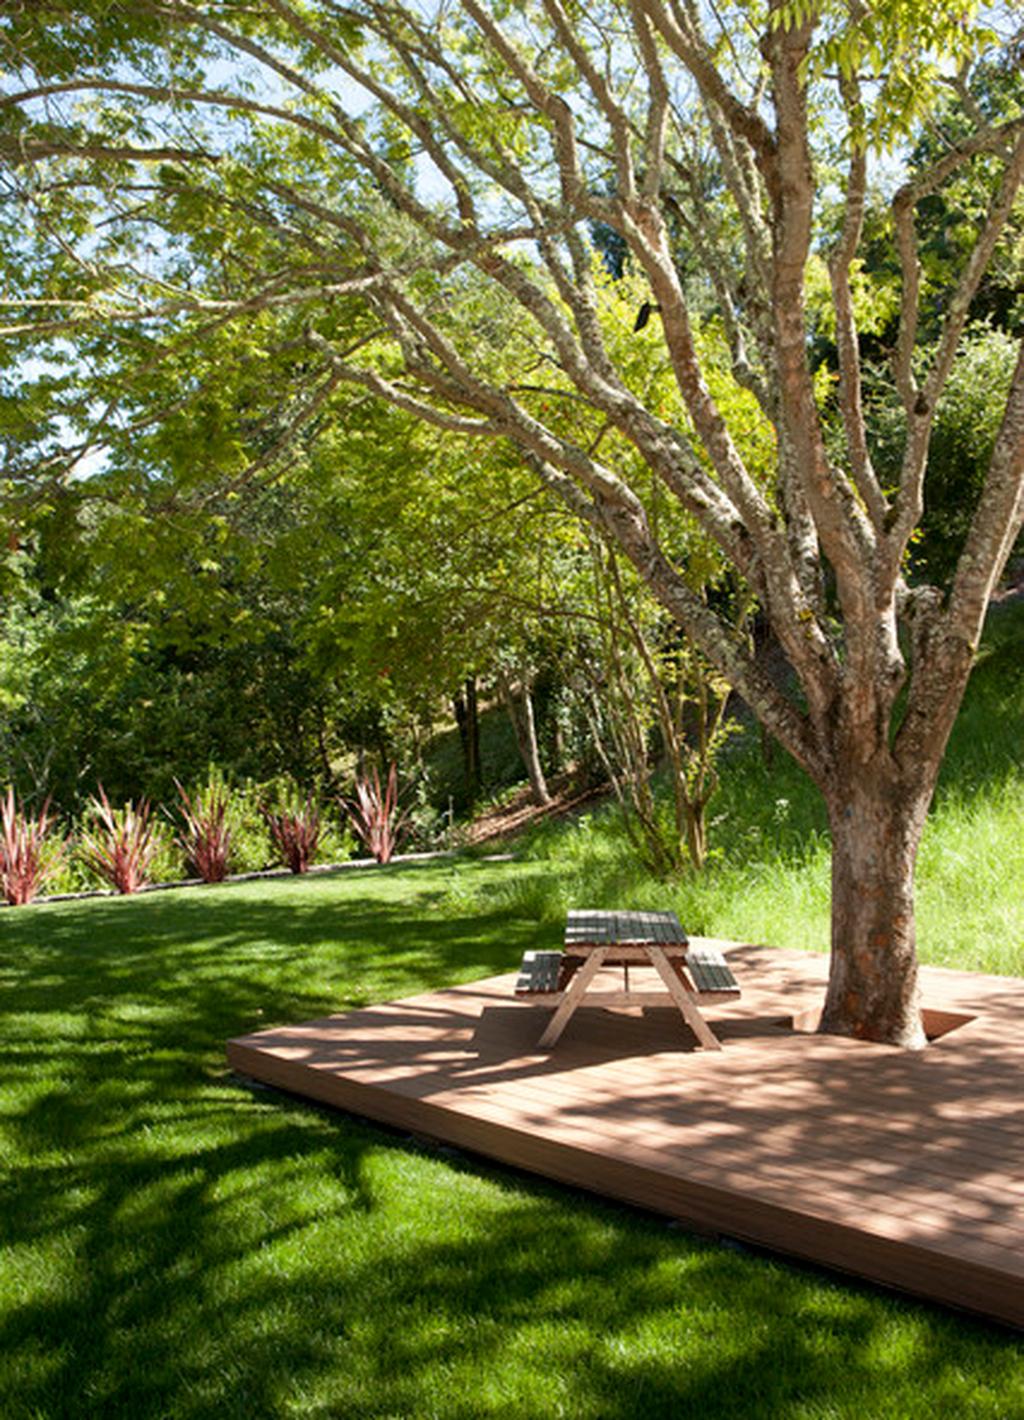 17 Amazing Big Tree Landscaping Ideas - HOMISHOME